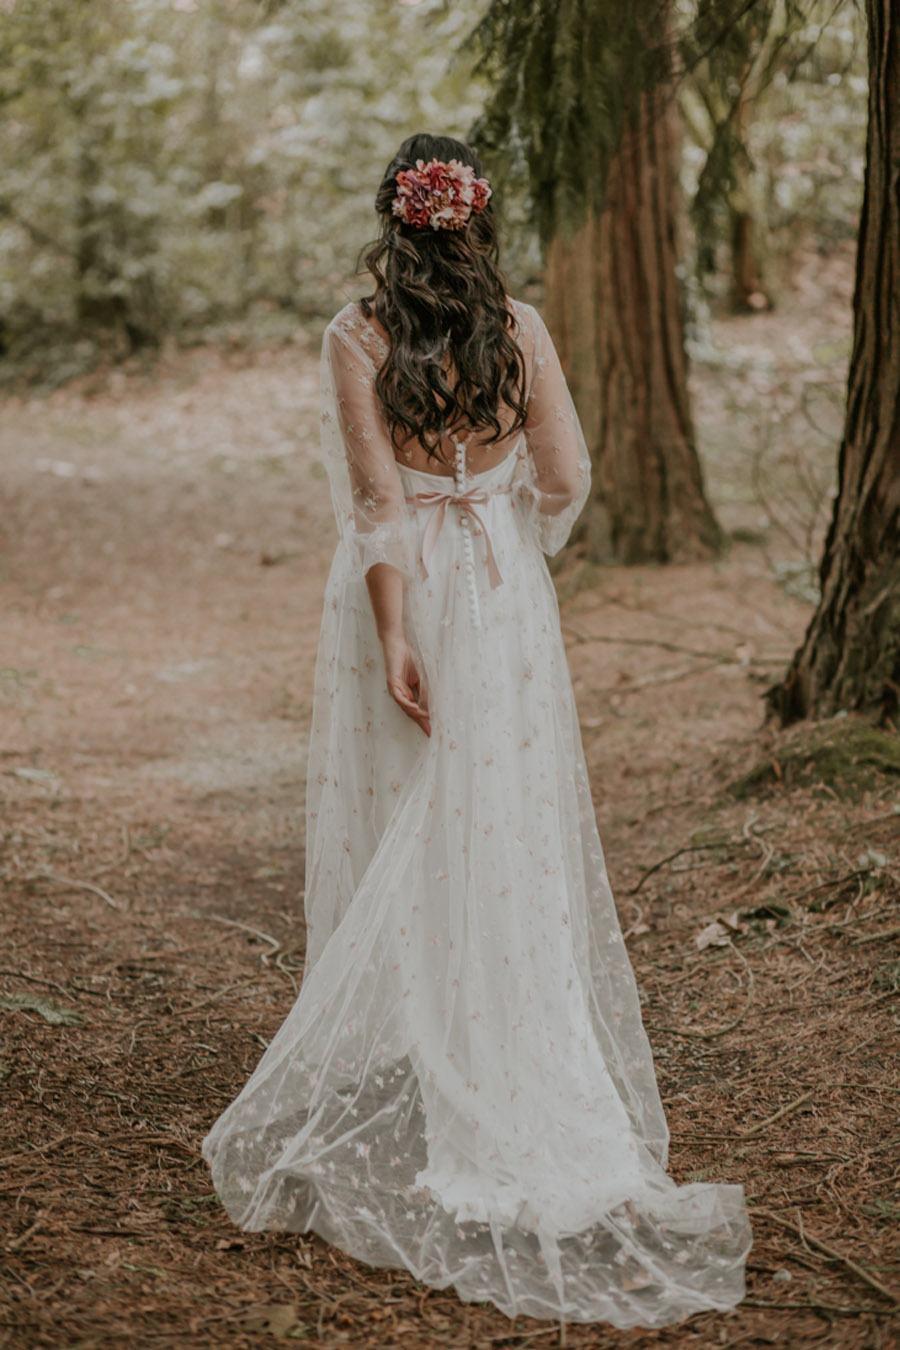 BODA MÁGICA EN EL BOSQUE novia-vestido